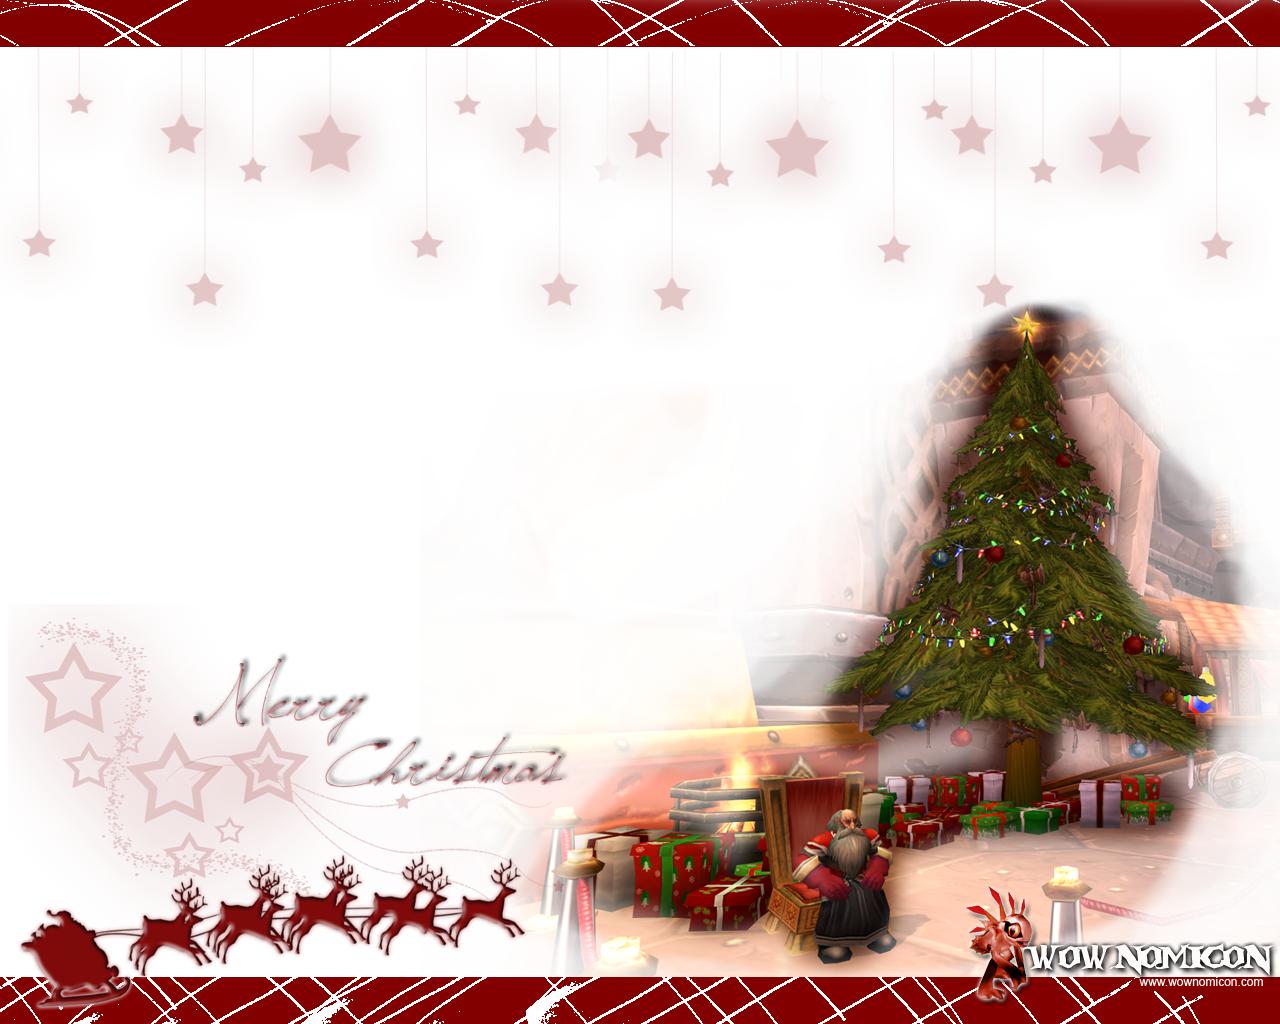 Merry Christmars! ¡Felíz Navidad¡ Bon Nadal!, llegó el Gran Padre Invierno a Azeroth…. bueno llegaron dos Padres Inviernos y para celebrarlo os dejo otro Wallpaper, me quedó más curso de...